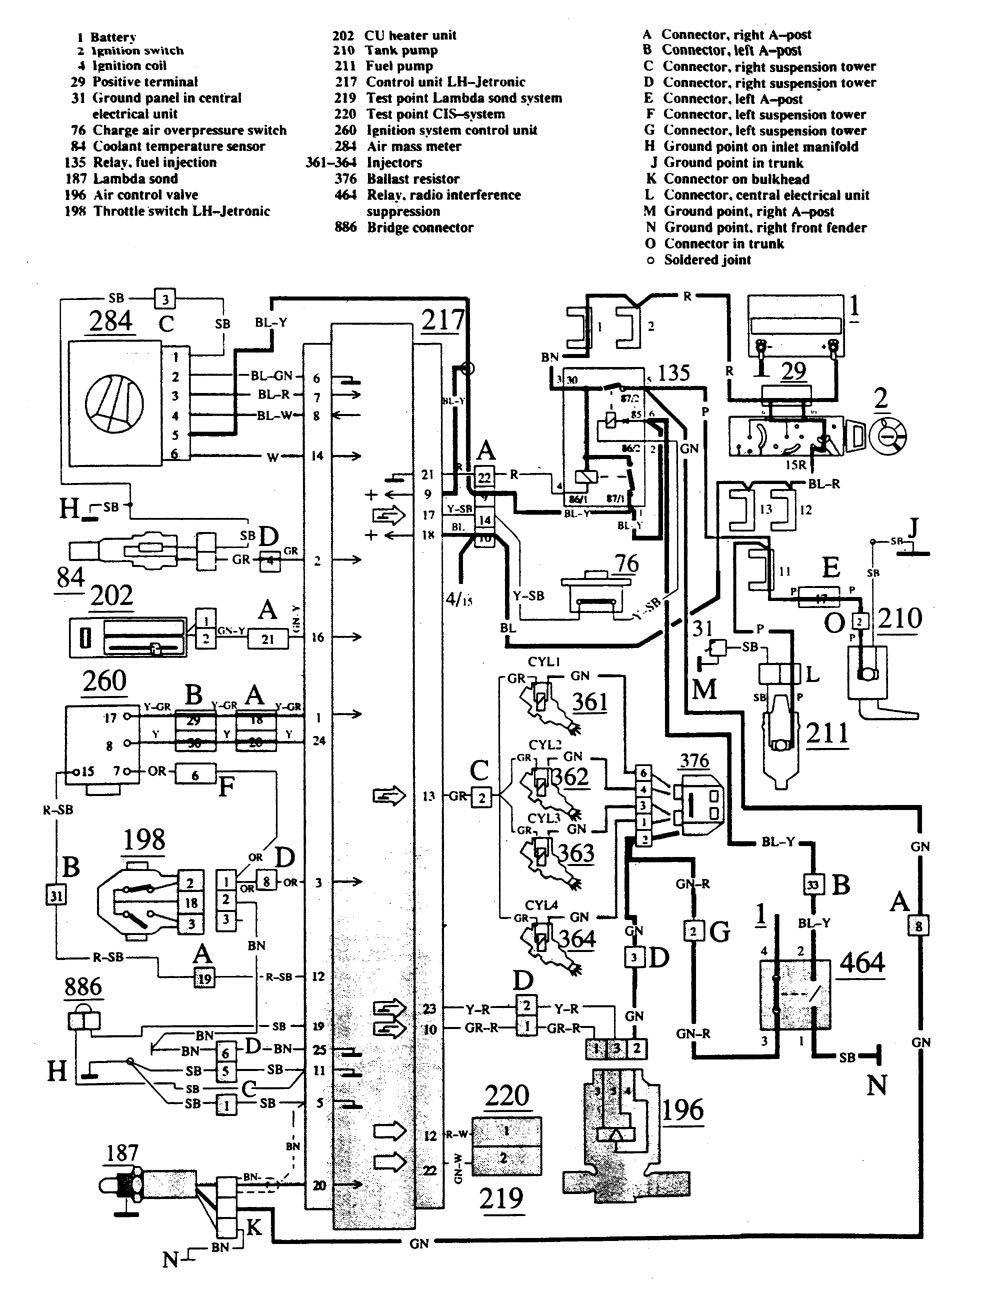 1985 Volvo Wiring Diagram 2016 Passat Stereo Wiring Diagram For Wiring Diagram Schematics